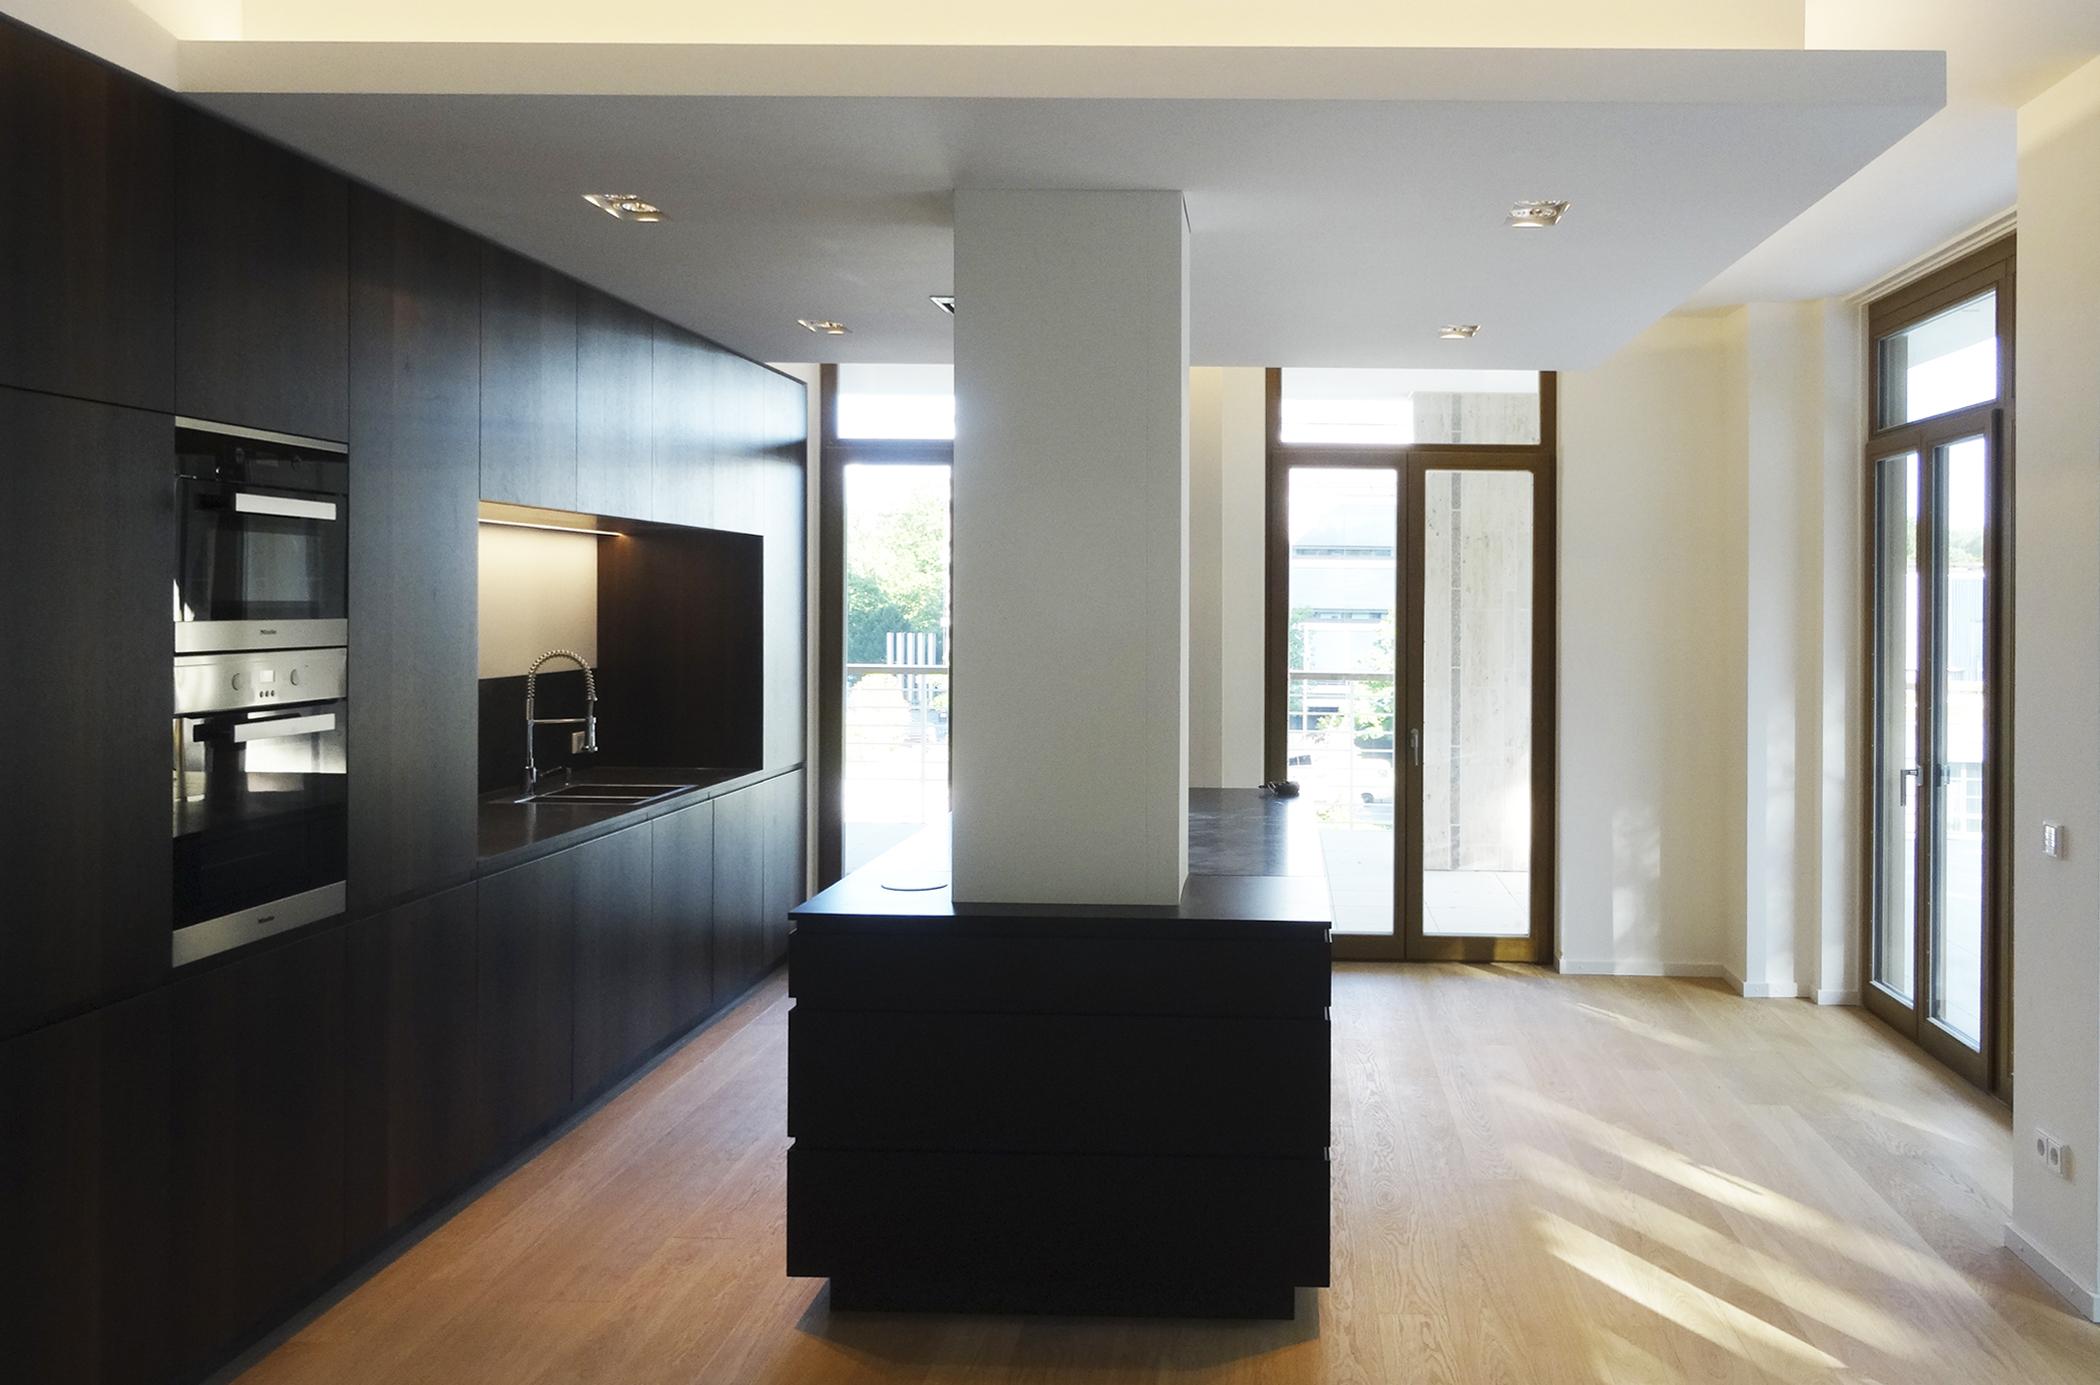 Studio Settari, interior design, architecture, Bozen, Italy